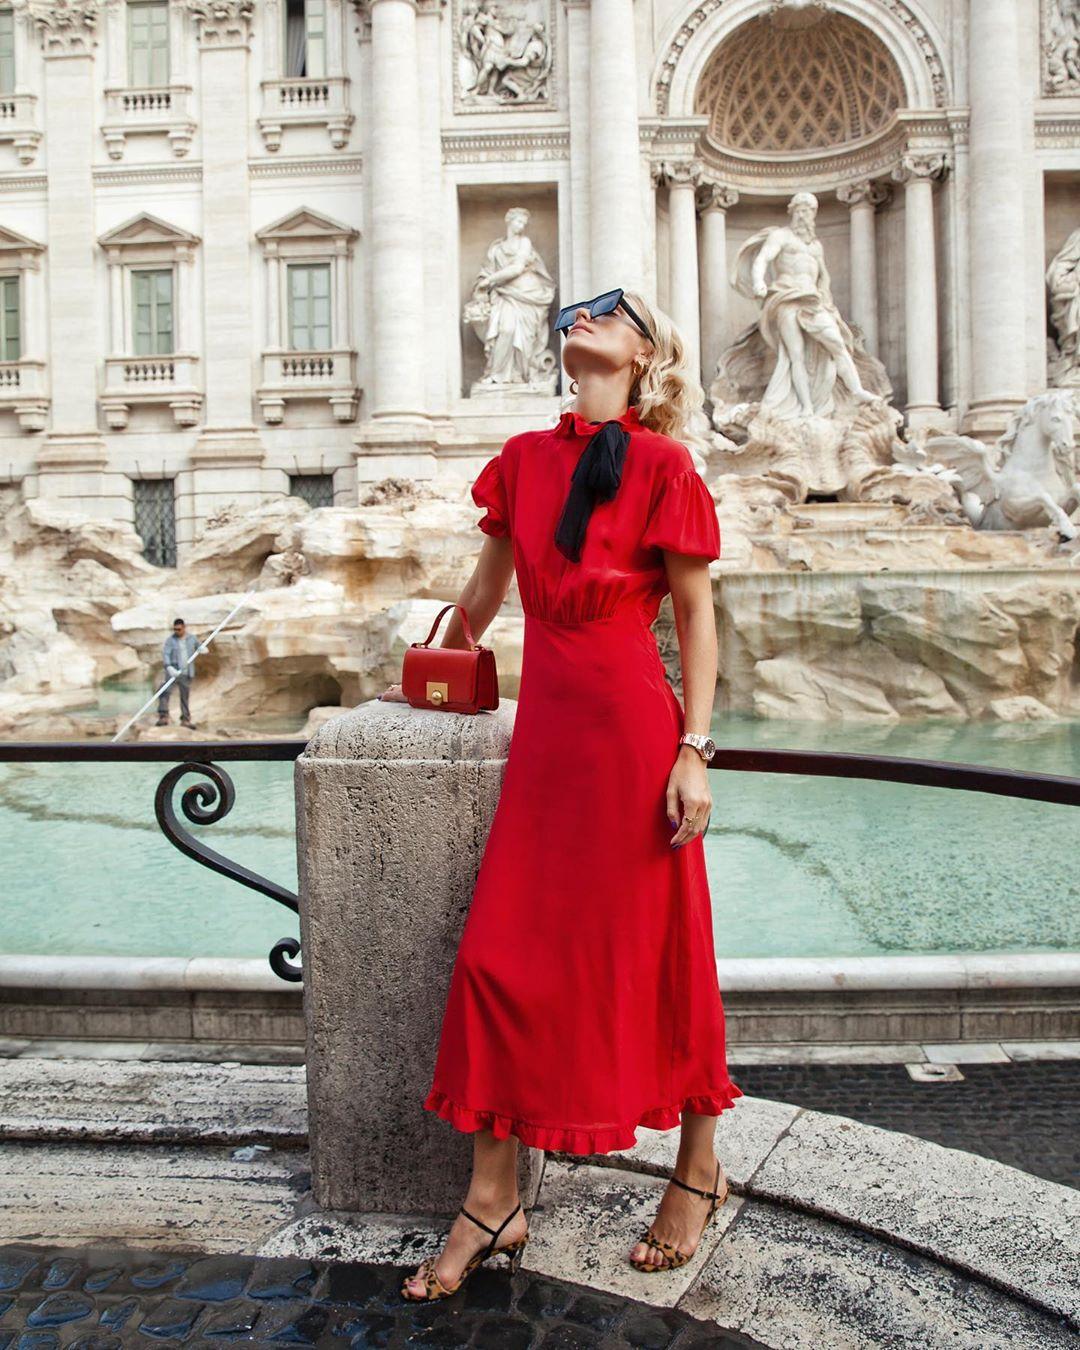 Đầm midi màu đỏ và túi xách đỏ